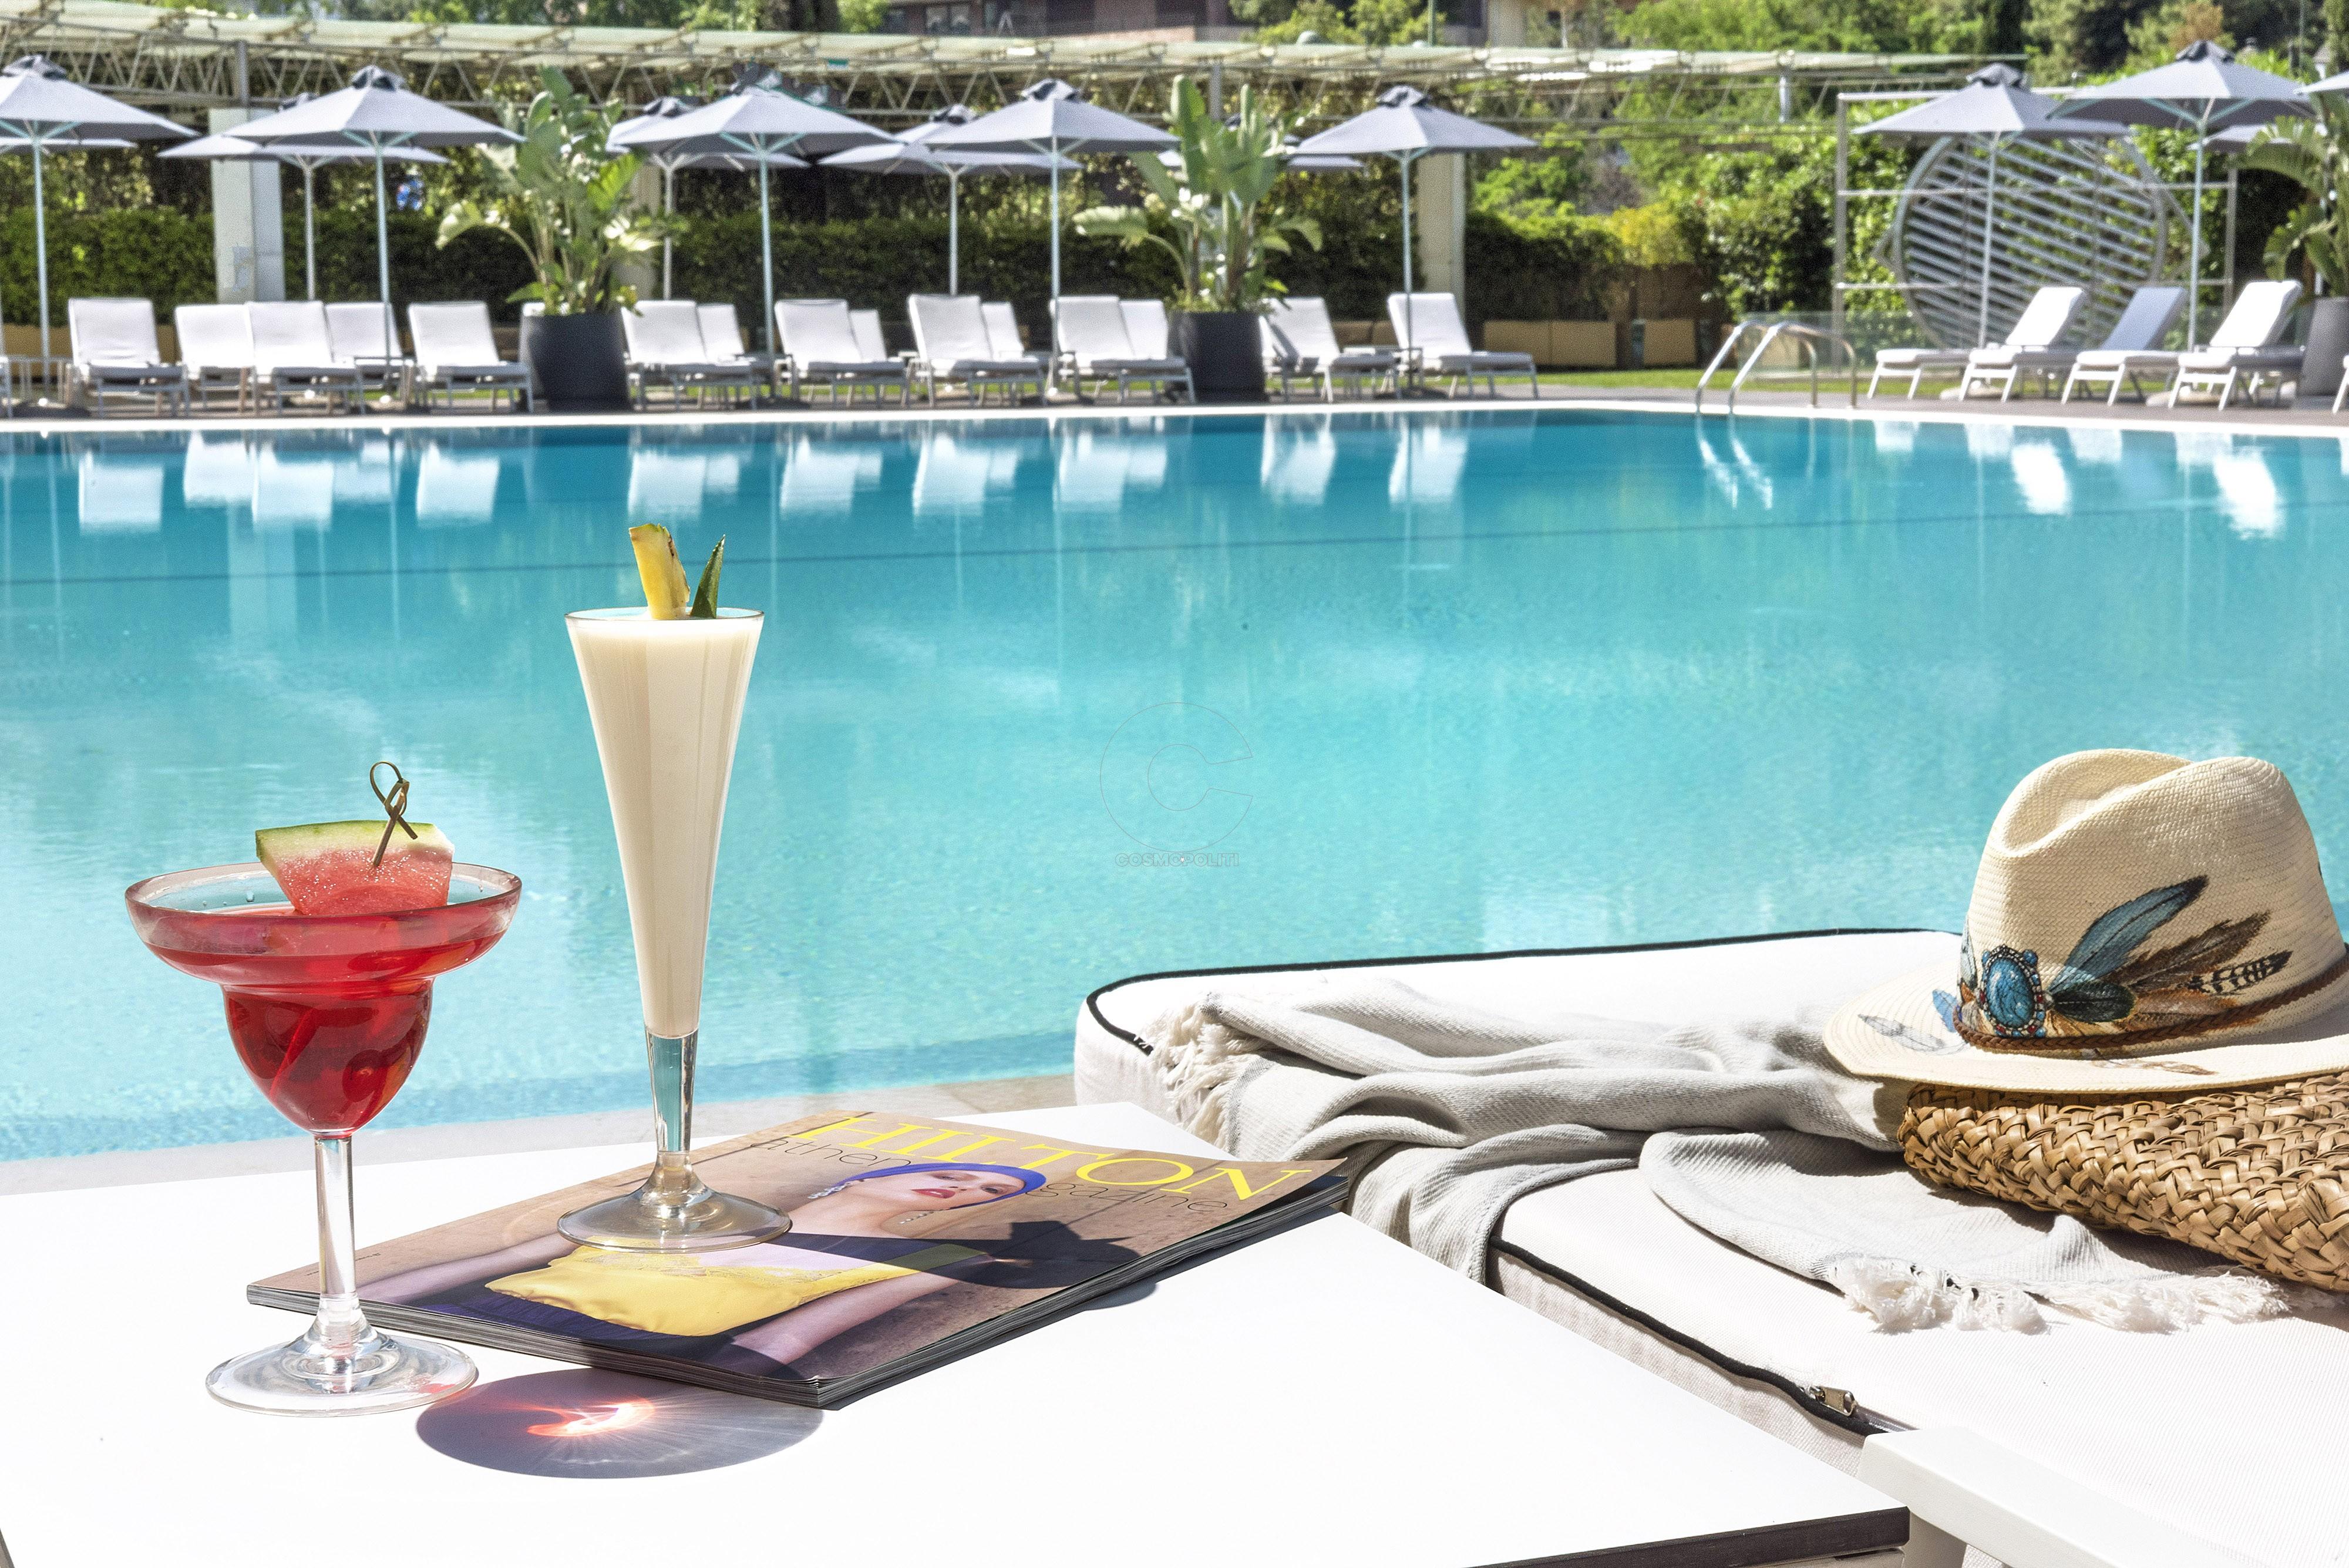 Hilton_pool_drinks